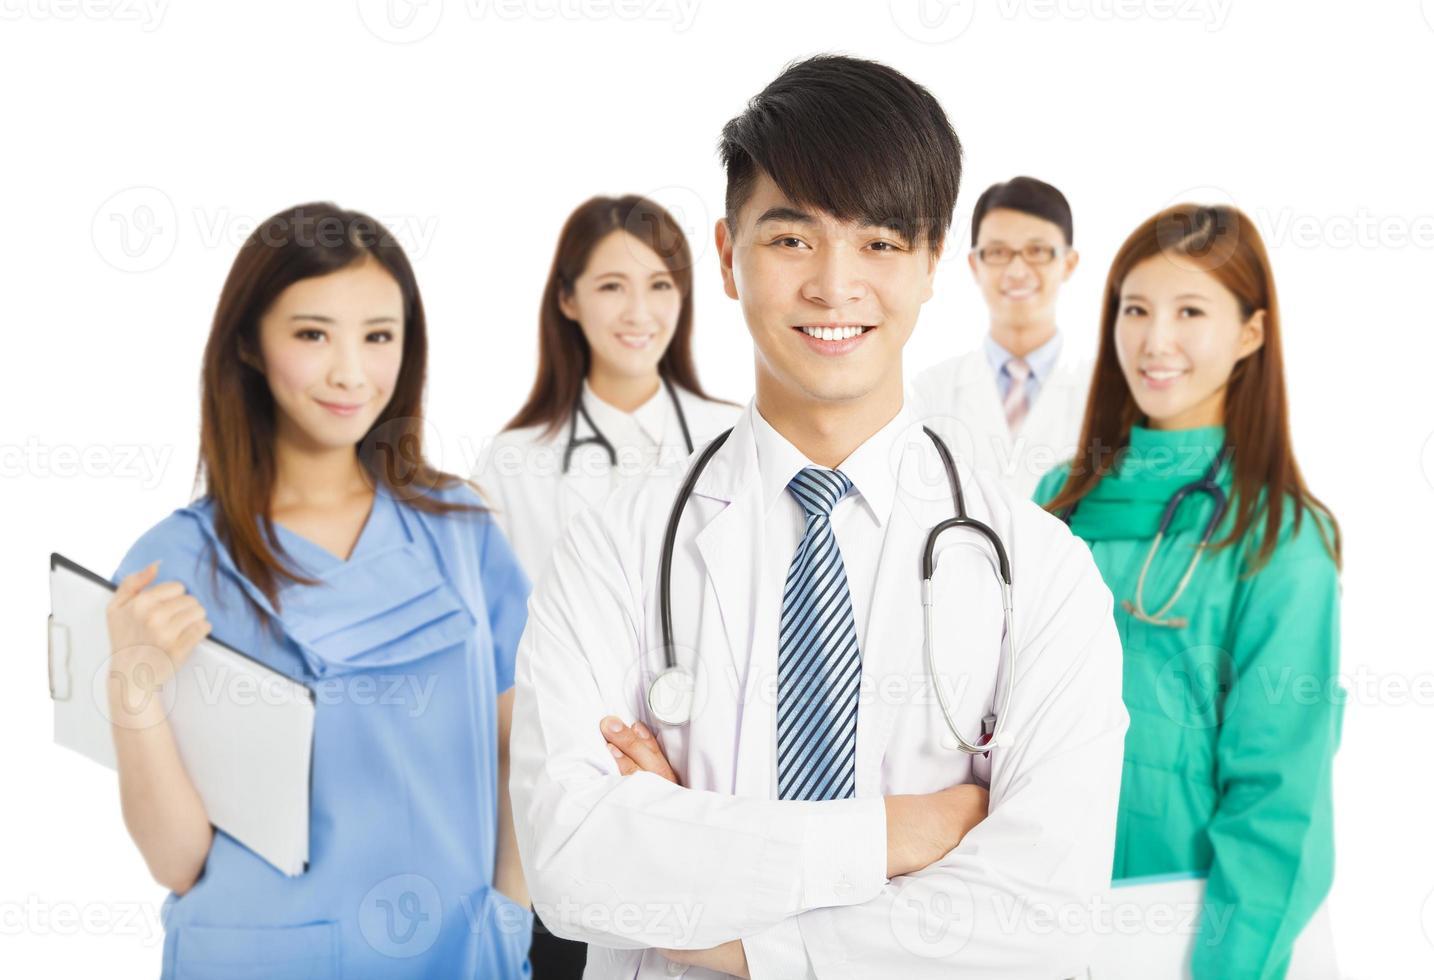 professionelles Ärzteteam, das über weißem Hintergrund steht foto